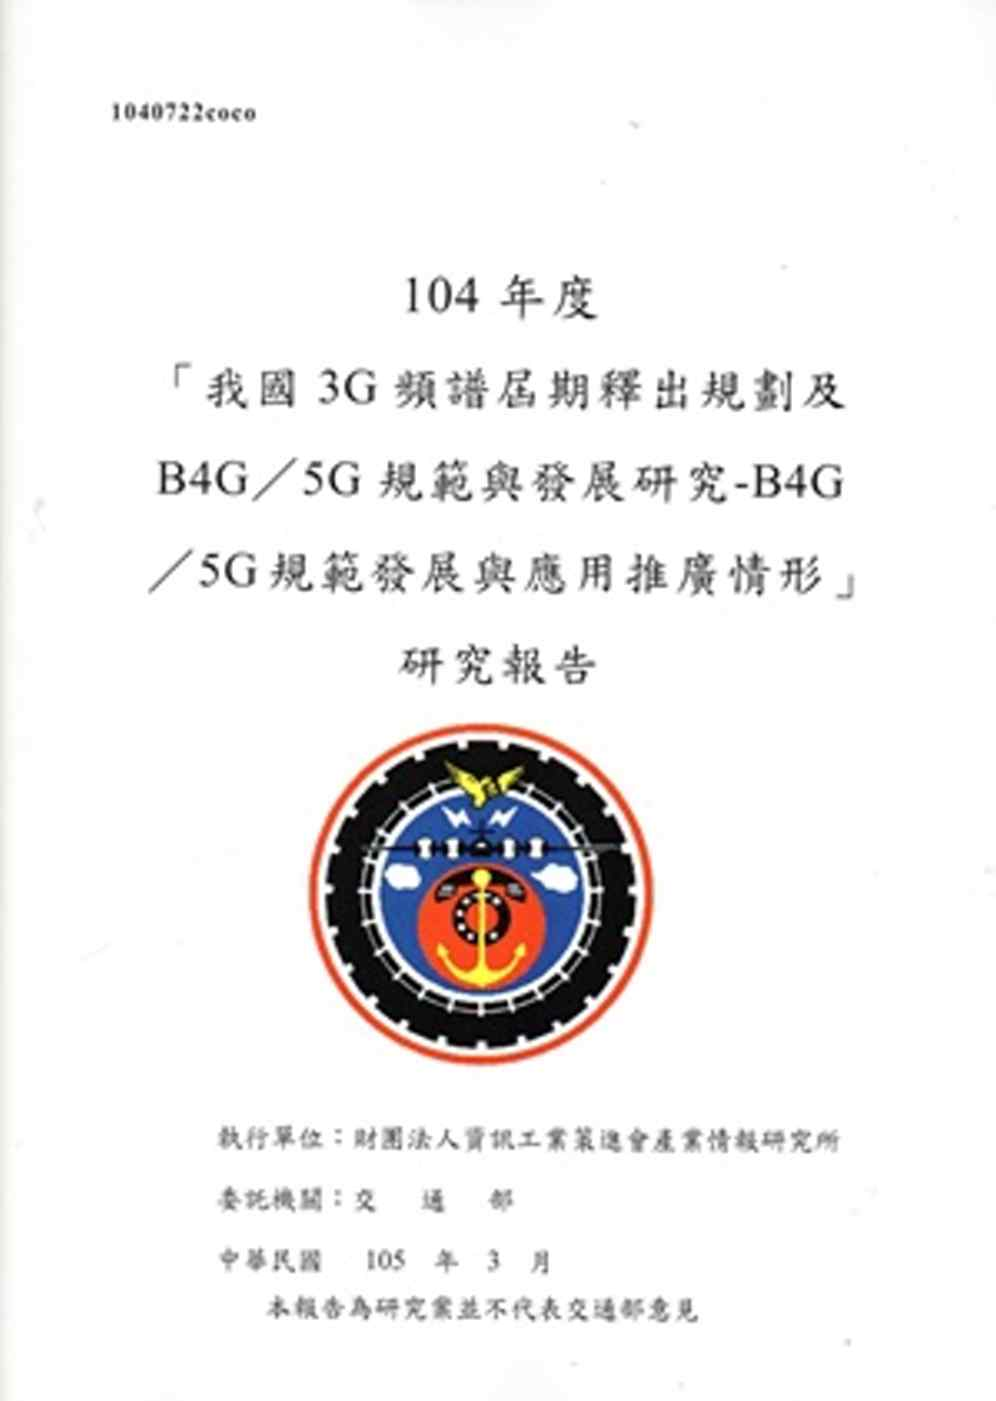 104年度「我國3G頻譜屆期釋出規劃及B4G/5G規範與發展研究-B4G/5G規範發展與應用推廣情形」研究報告